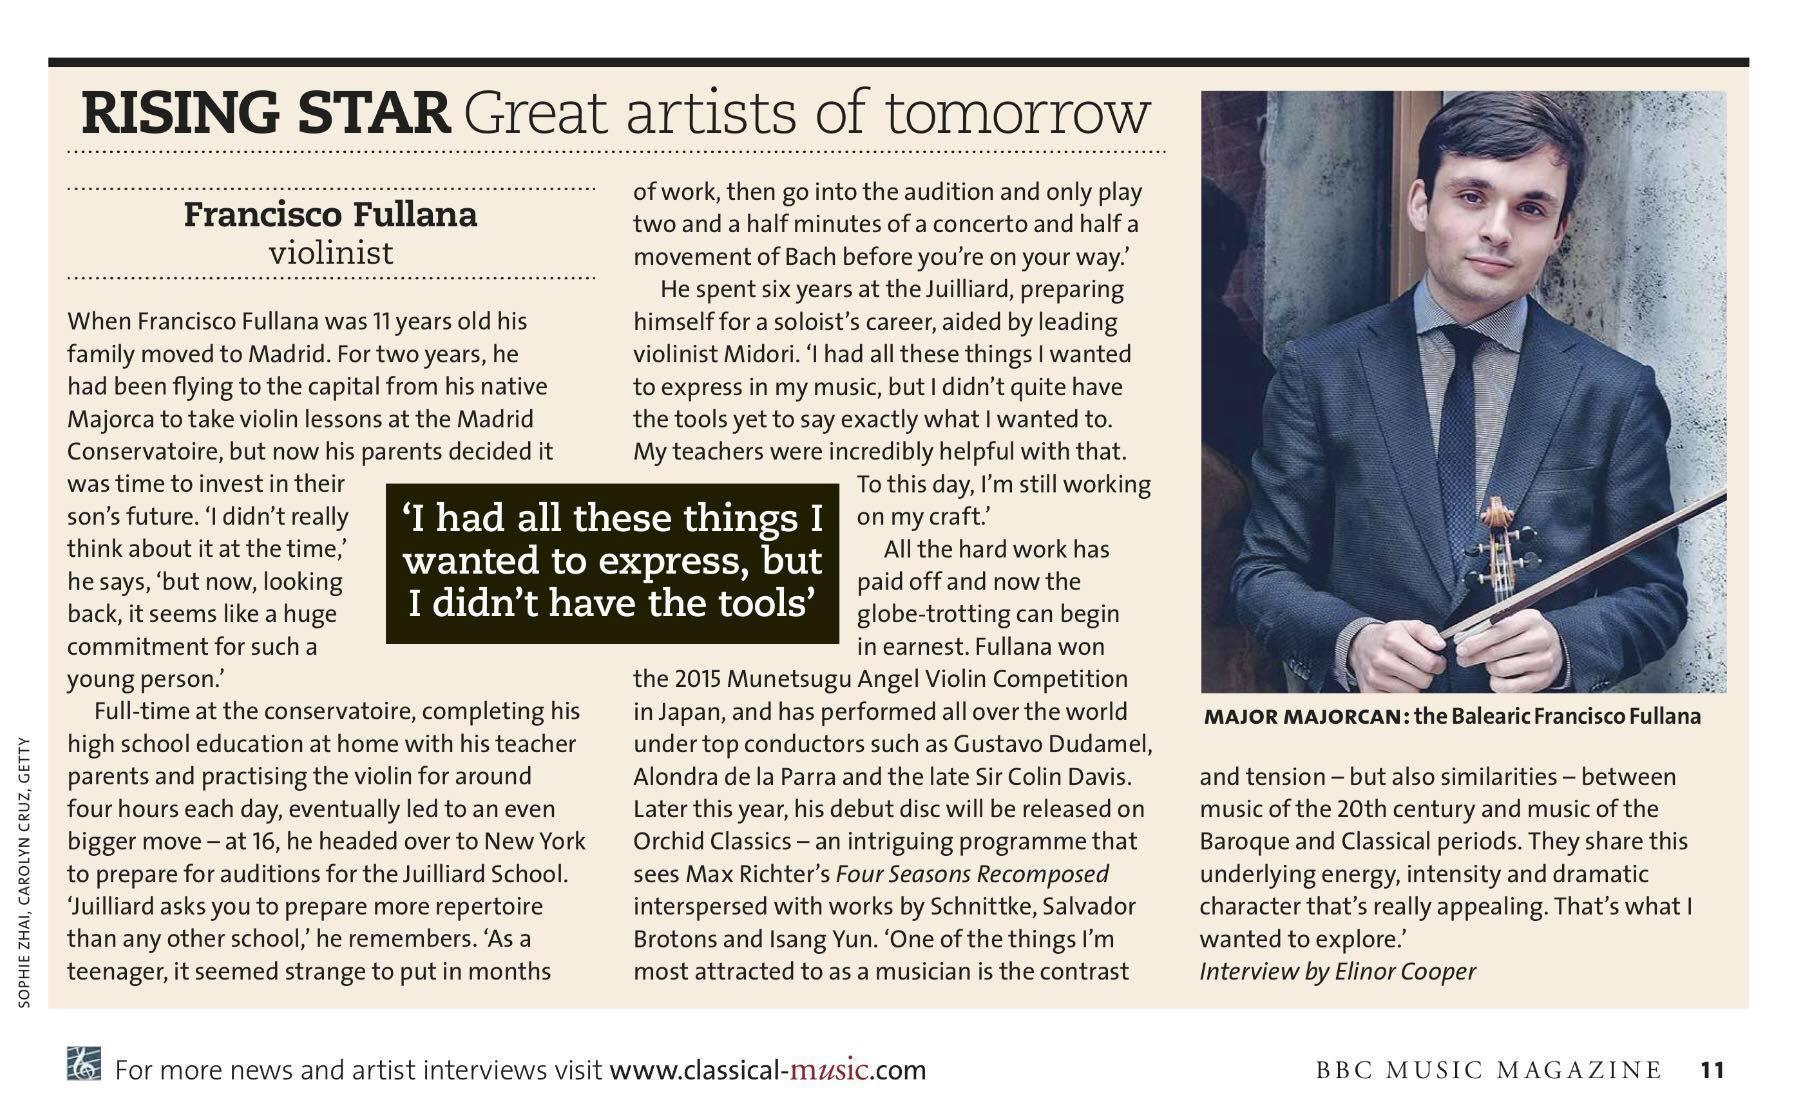 © BBC Music Magazine